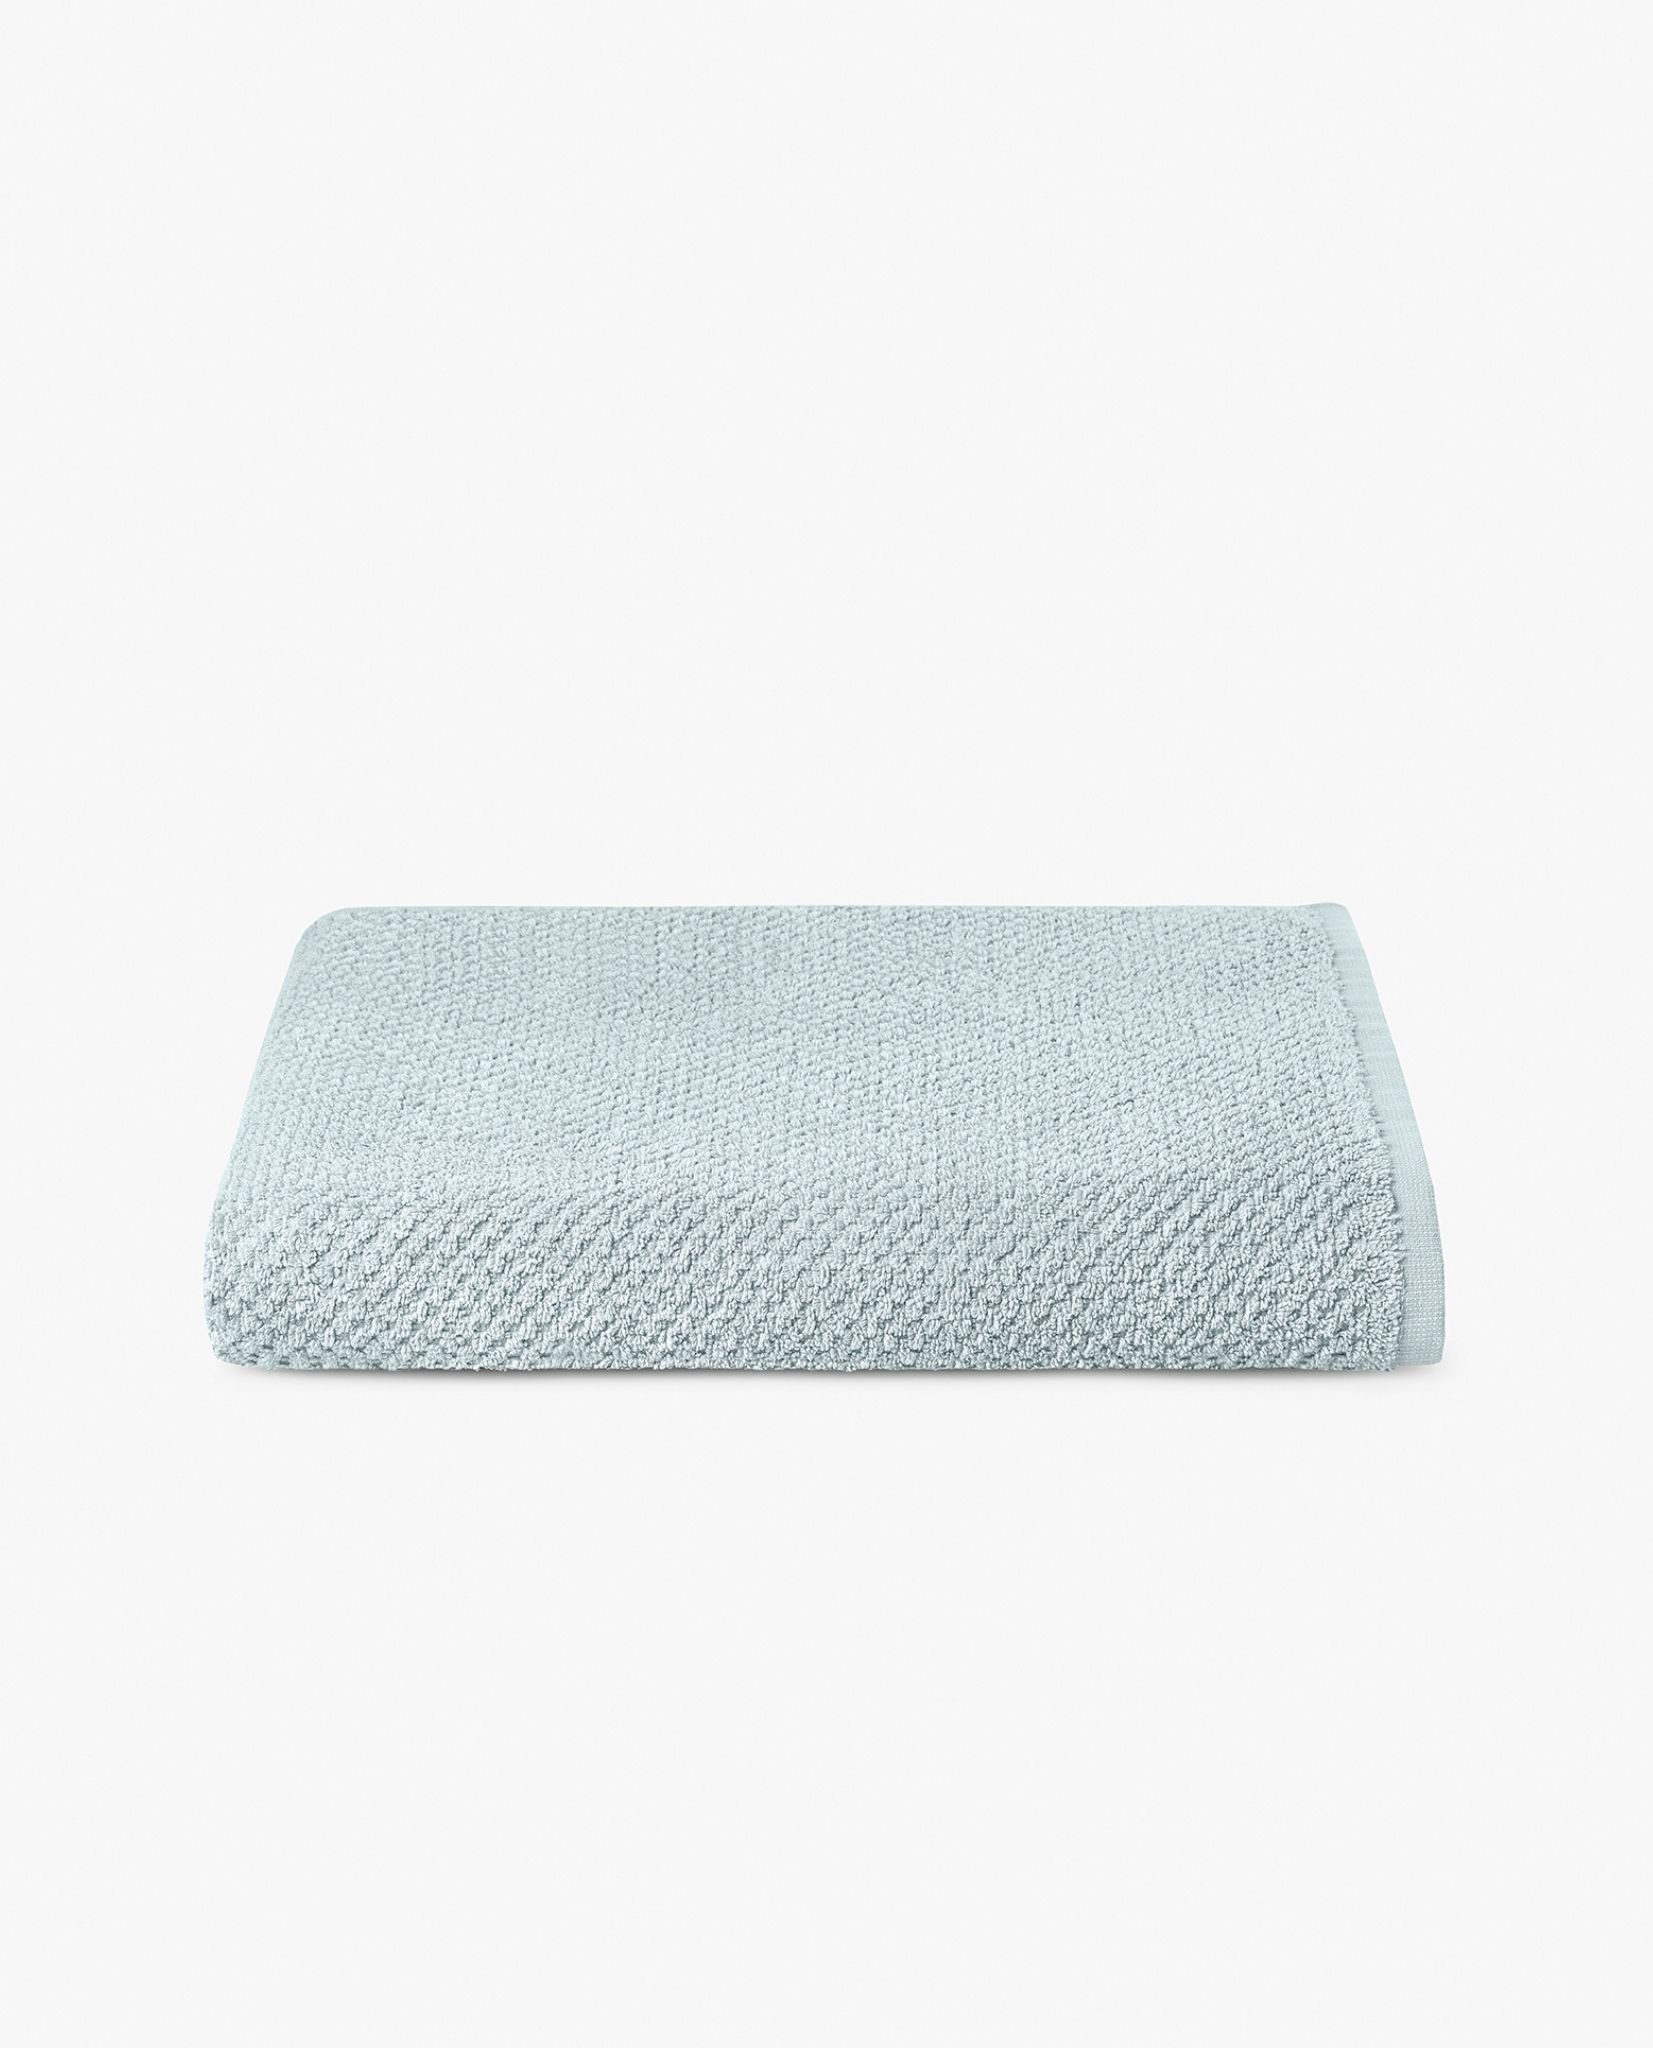 toalha de banho 100% algodão em azul celeste